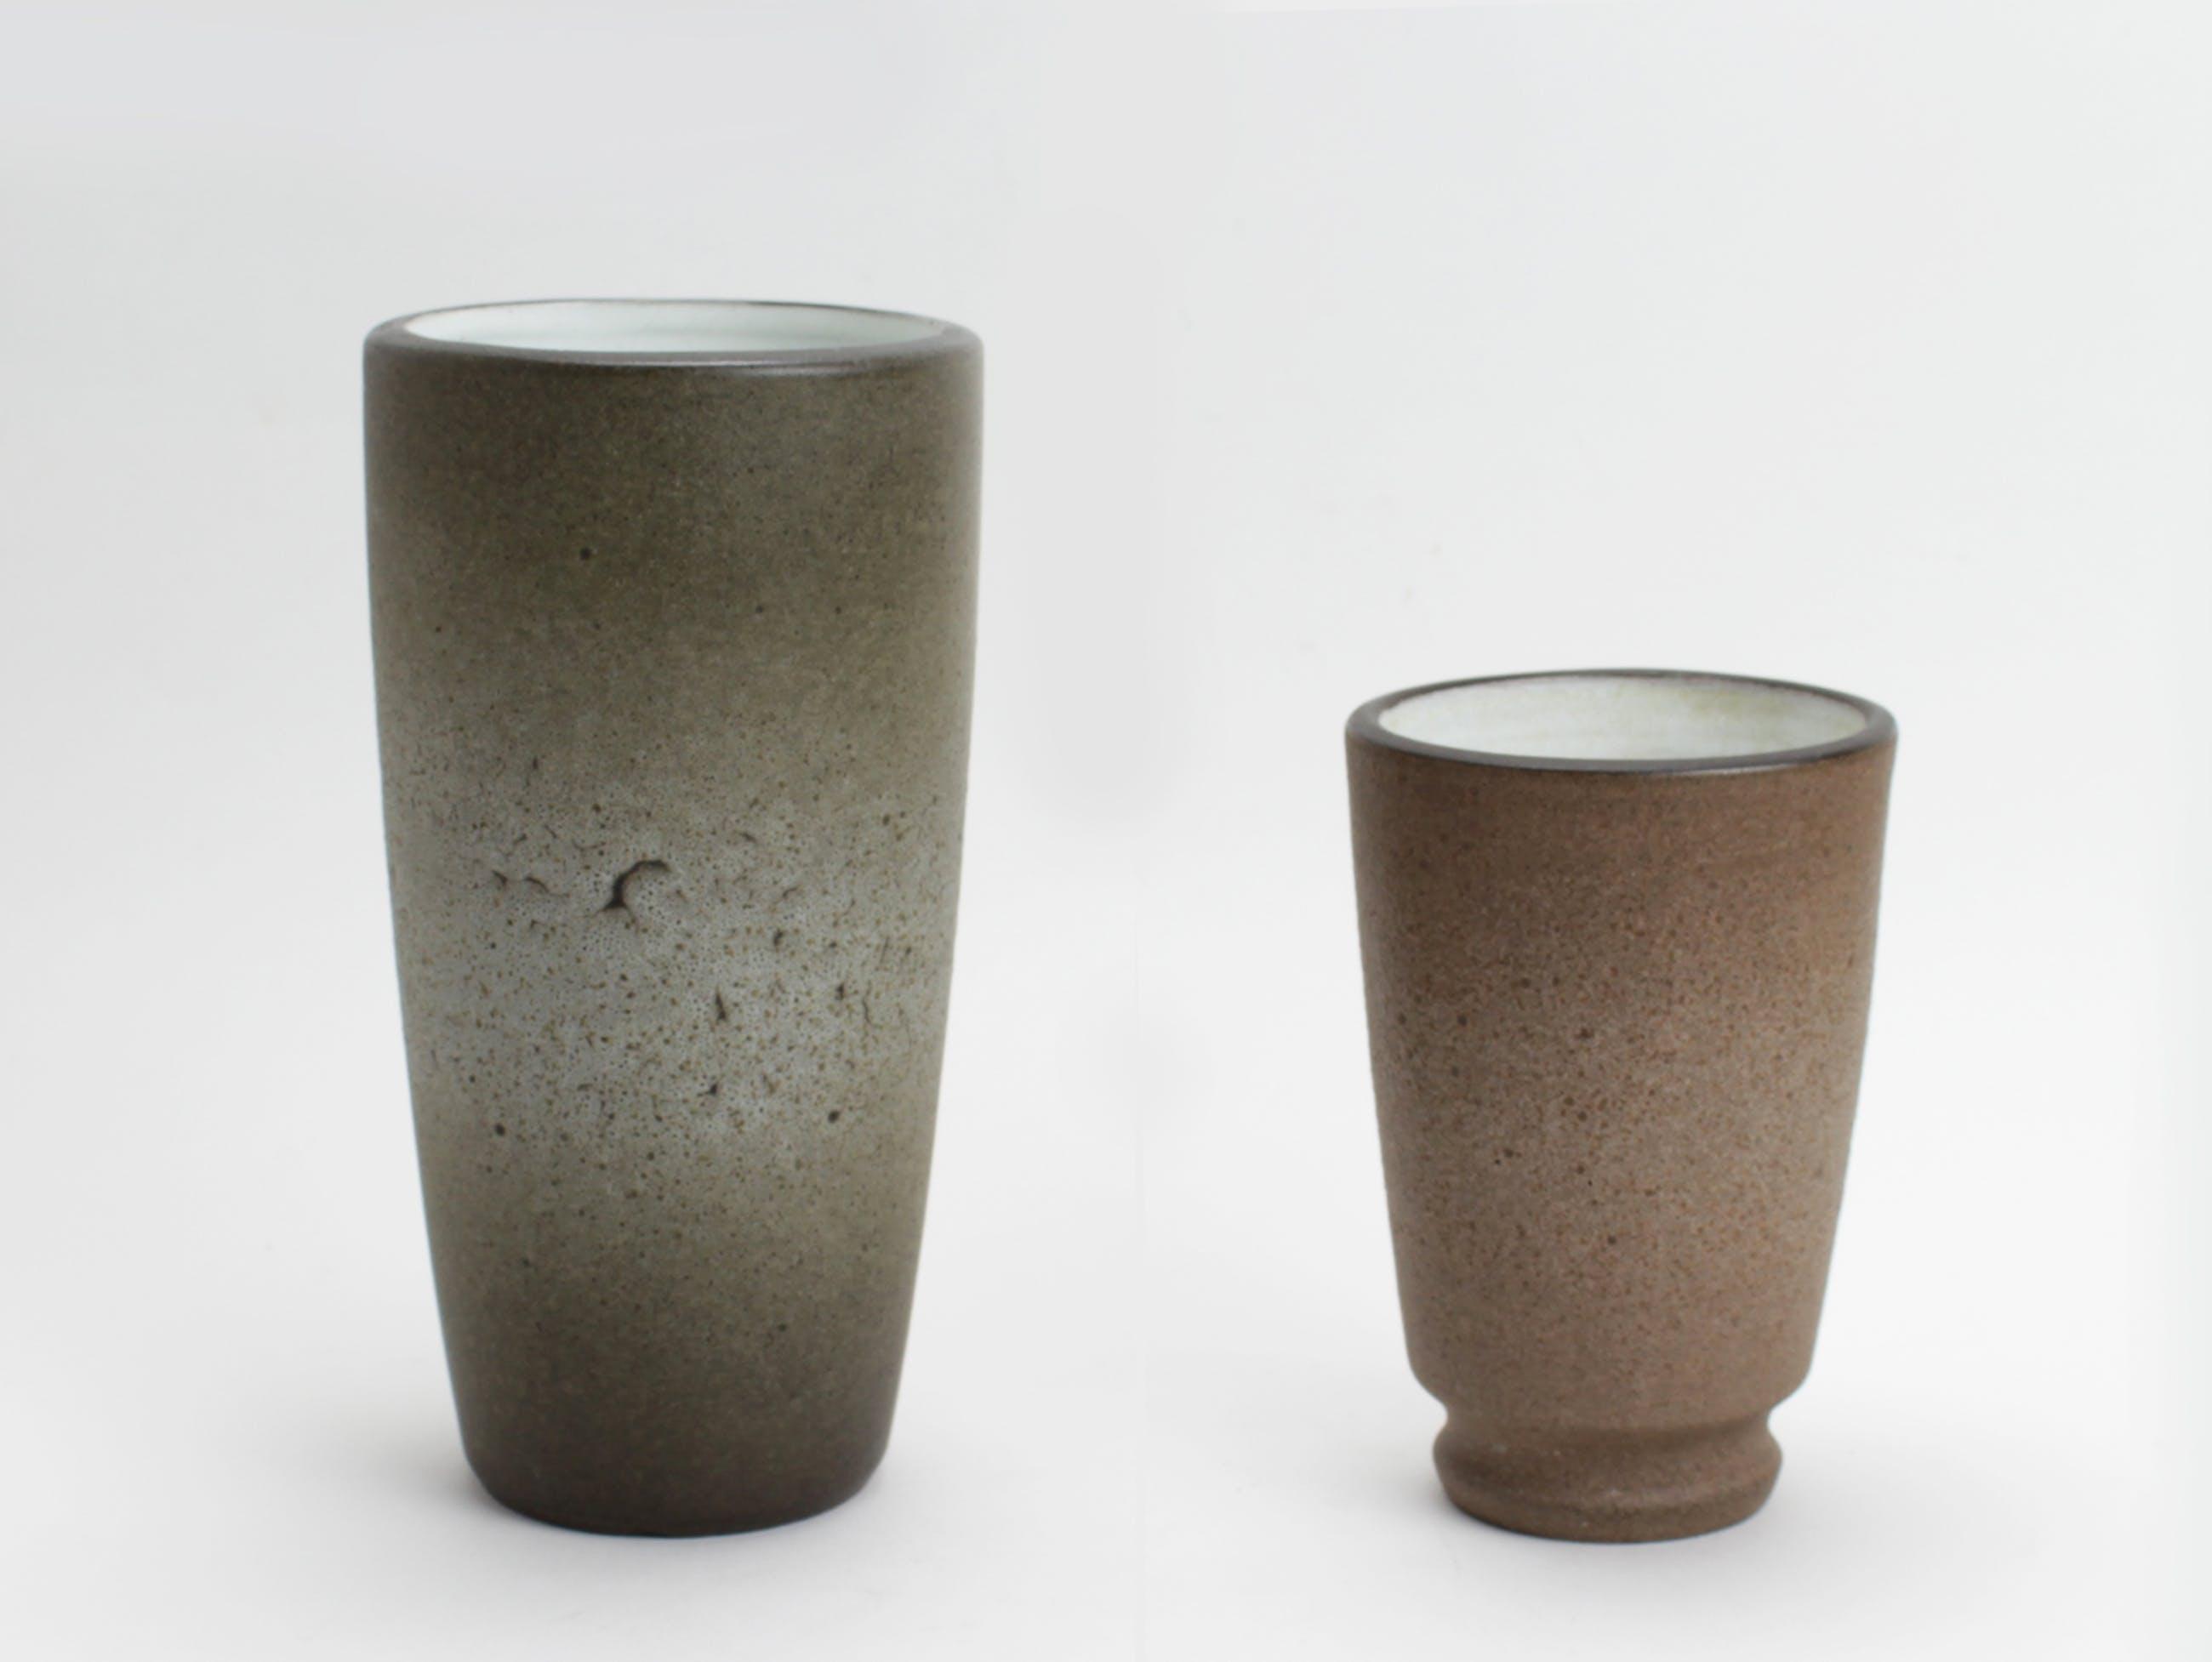 Spiksplinternieuw Potterie Ravelli - 2 aardewerk vazen verkocht! Bekijk de DA-35